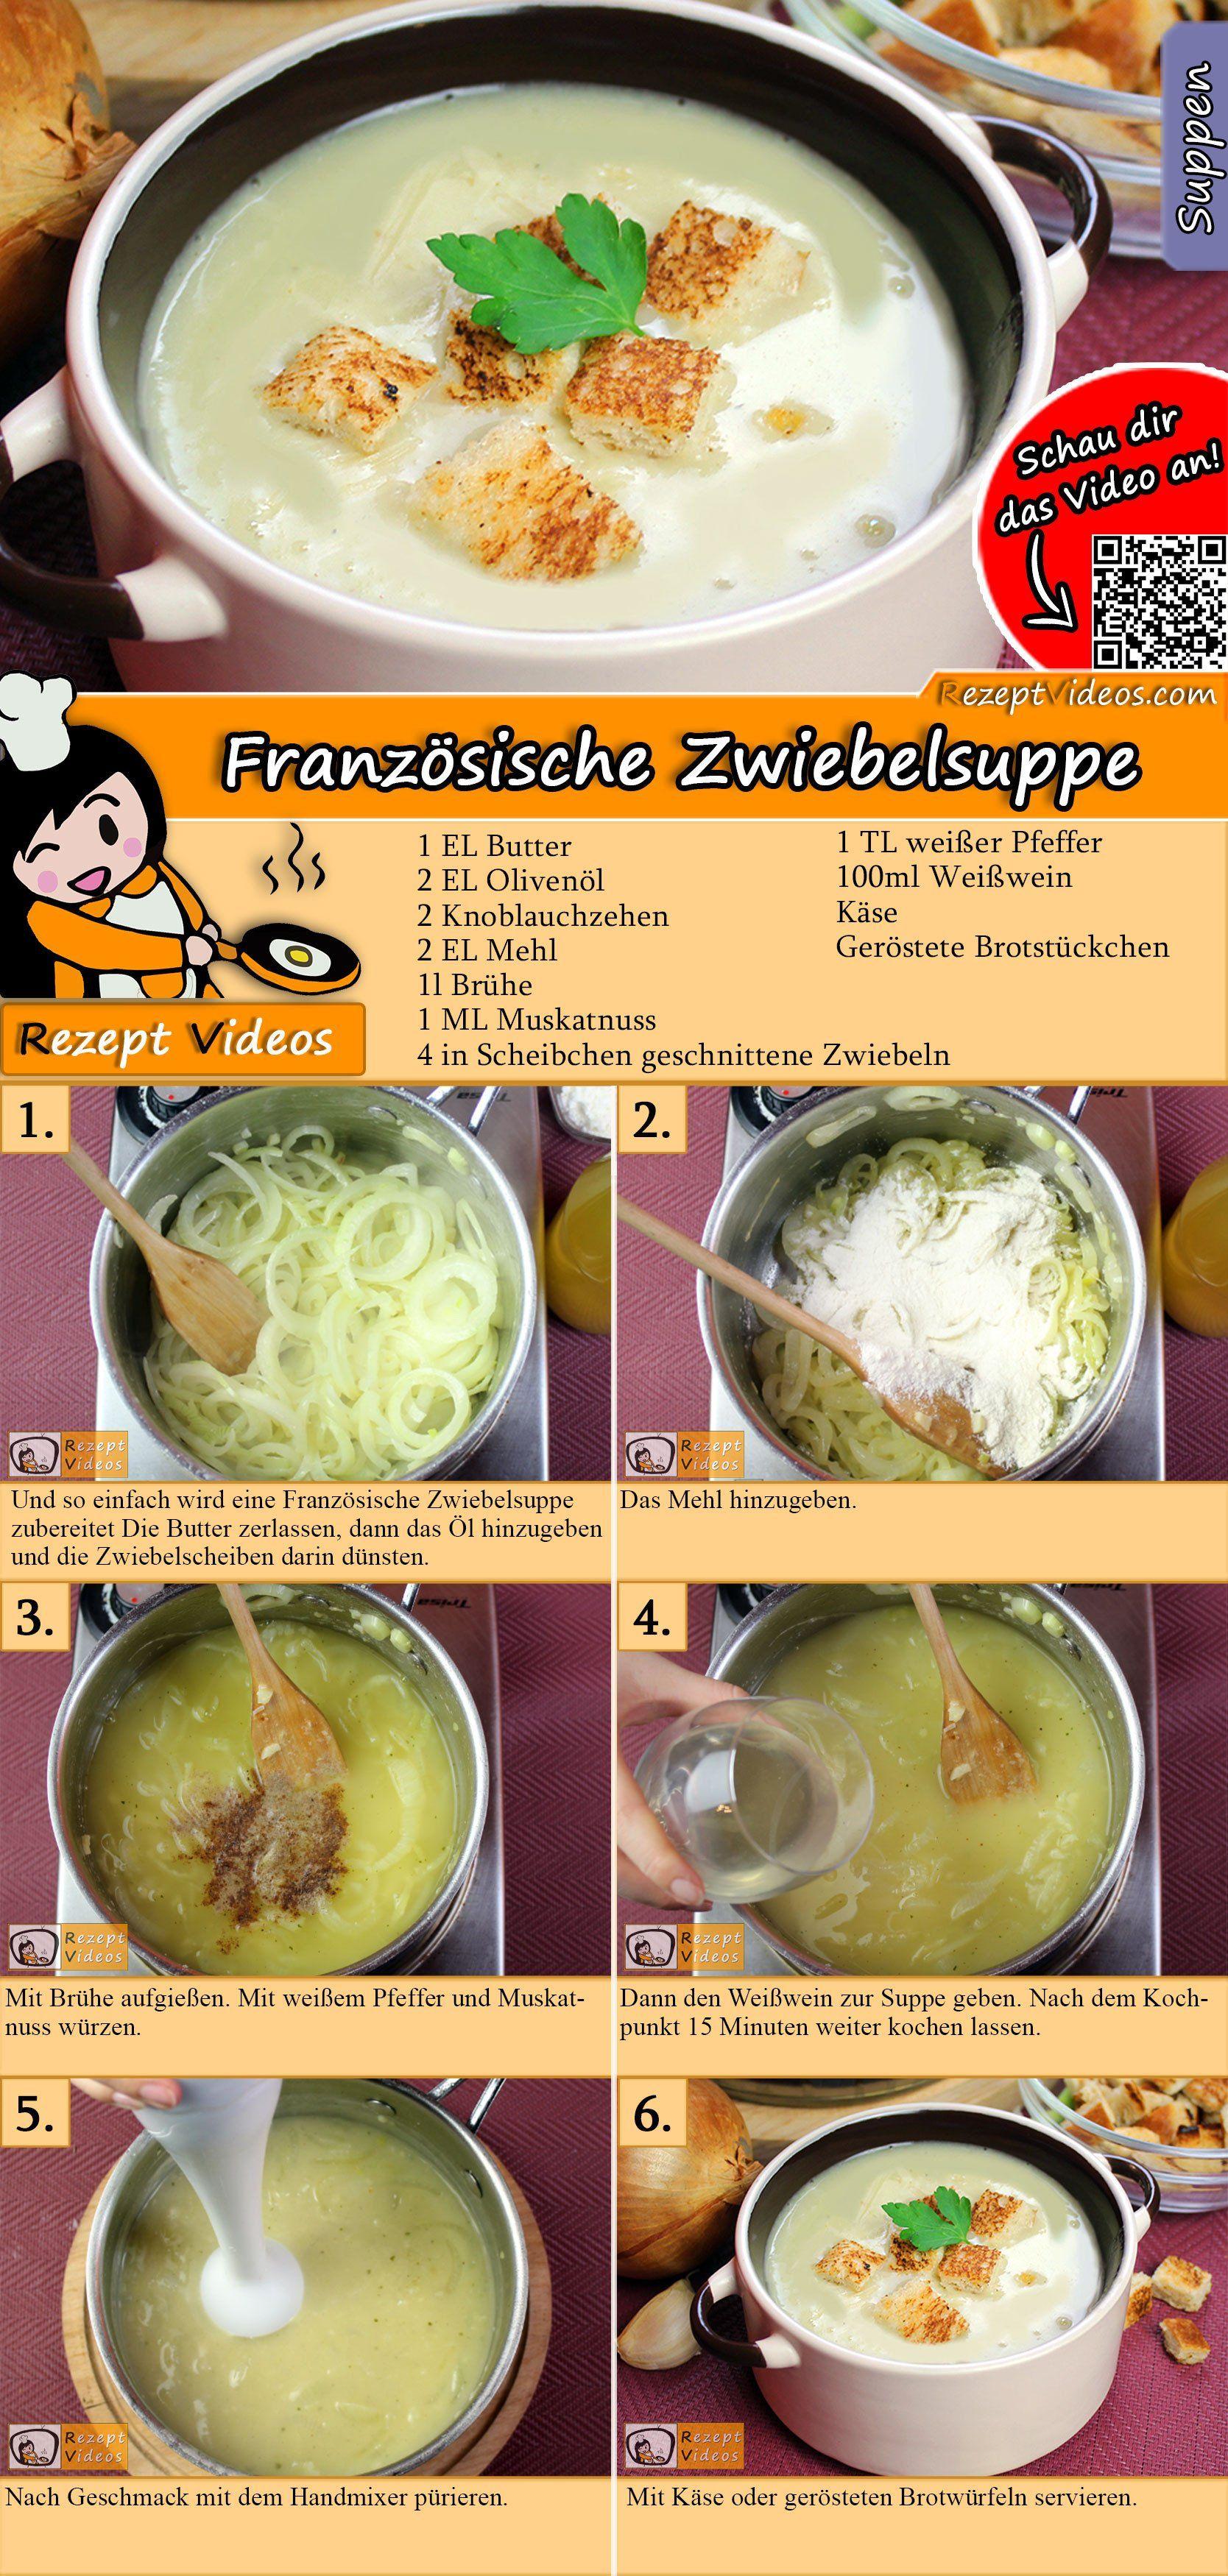 Franzosische Zwiebelsuppe Rezept Zwiebelsuppe Rezept Rezepte Zwiebelsuppe